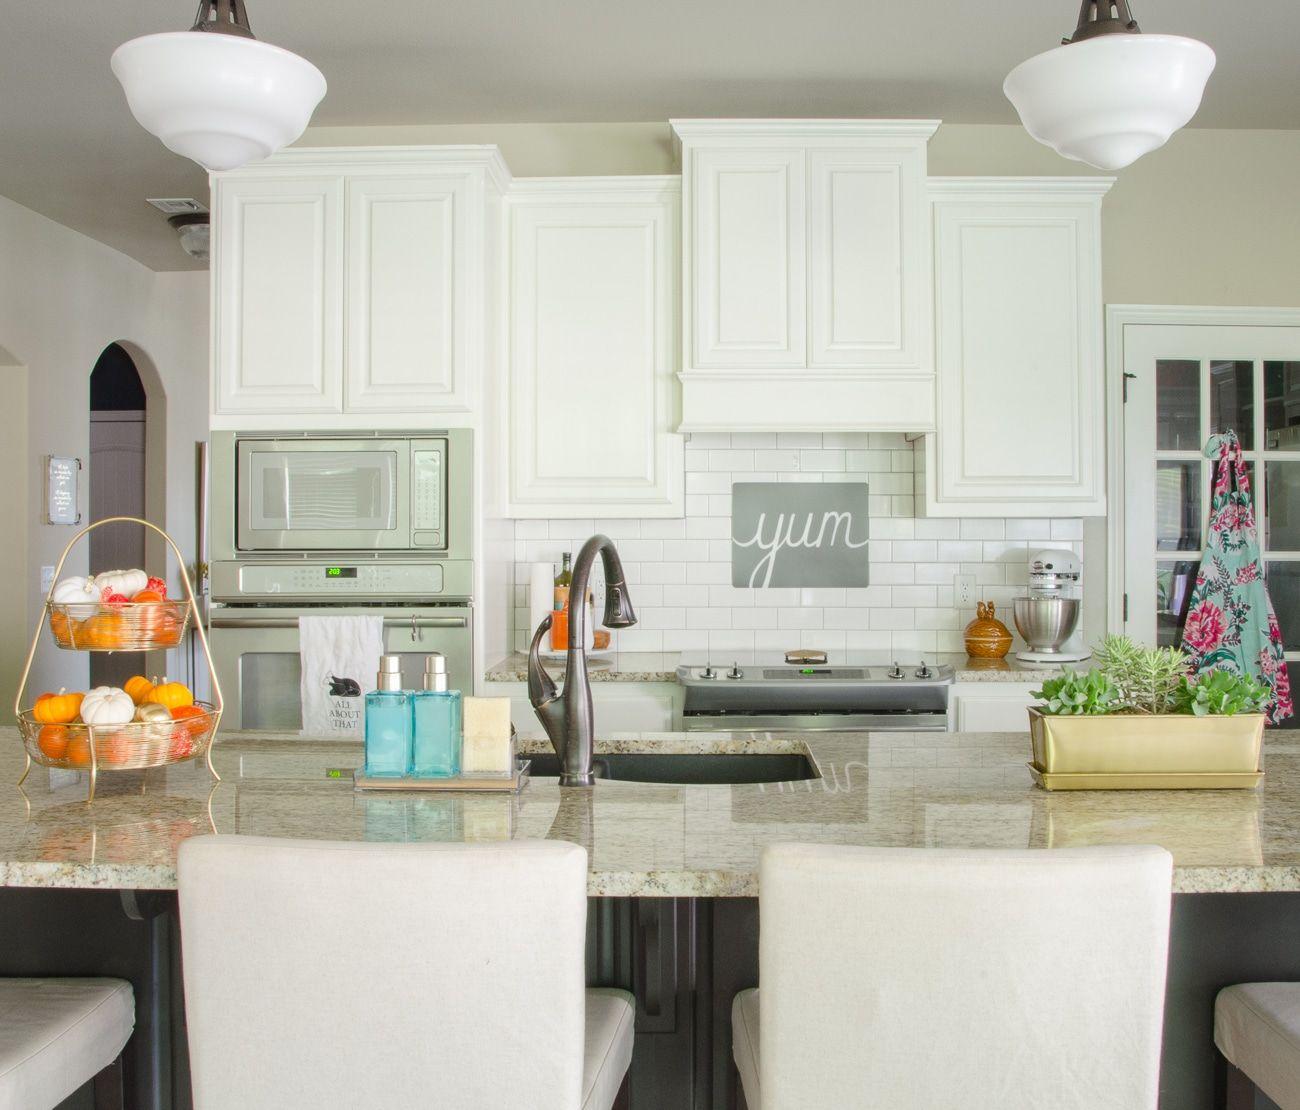 organizing the kitchen sink area polished habitat Organizing The Kitchen Area With A Dainty Kitchen Backsplash Decoration Model id=31264